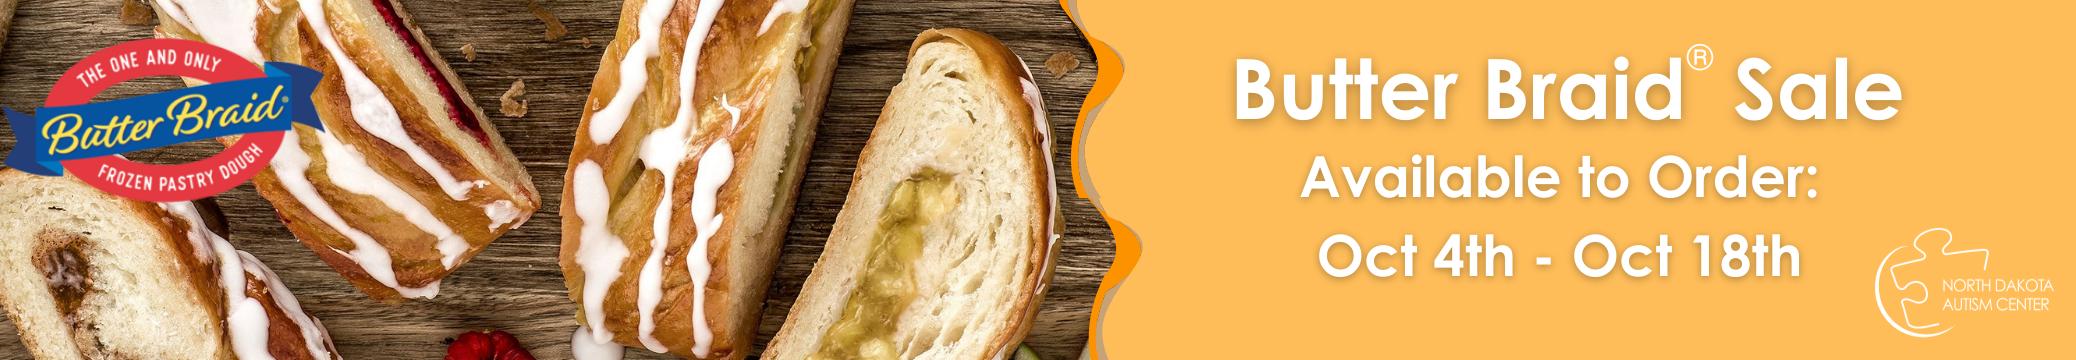 Butter Braid Fundraiser